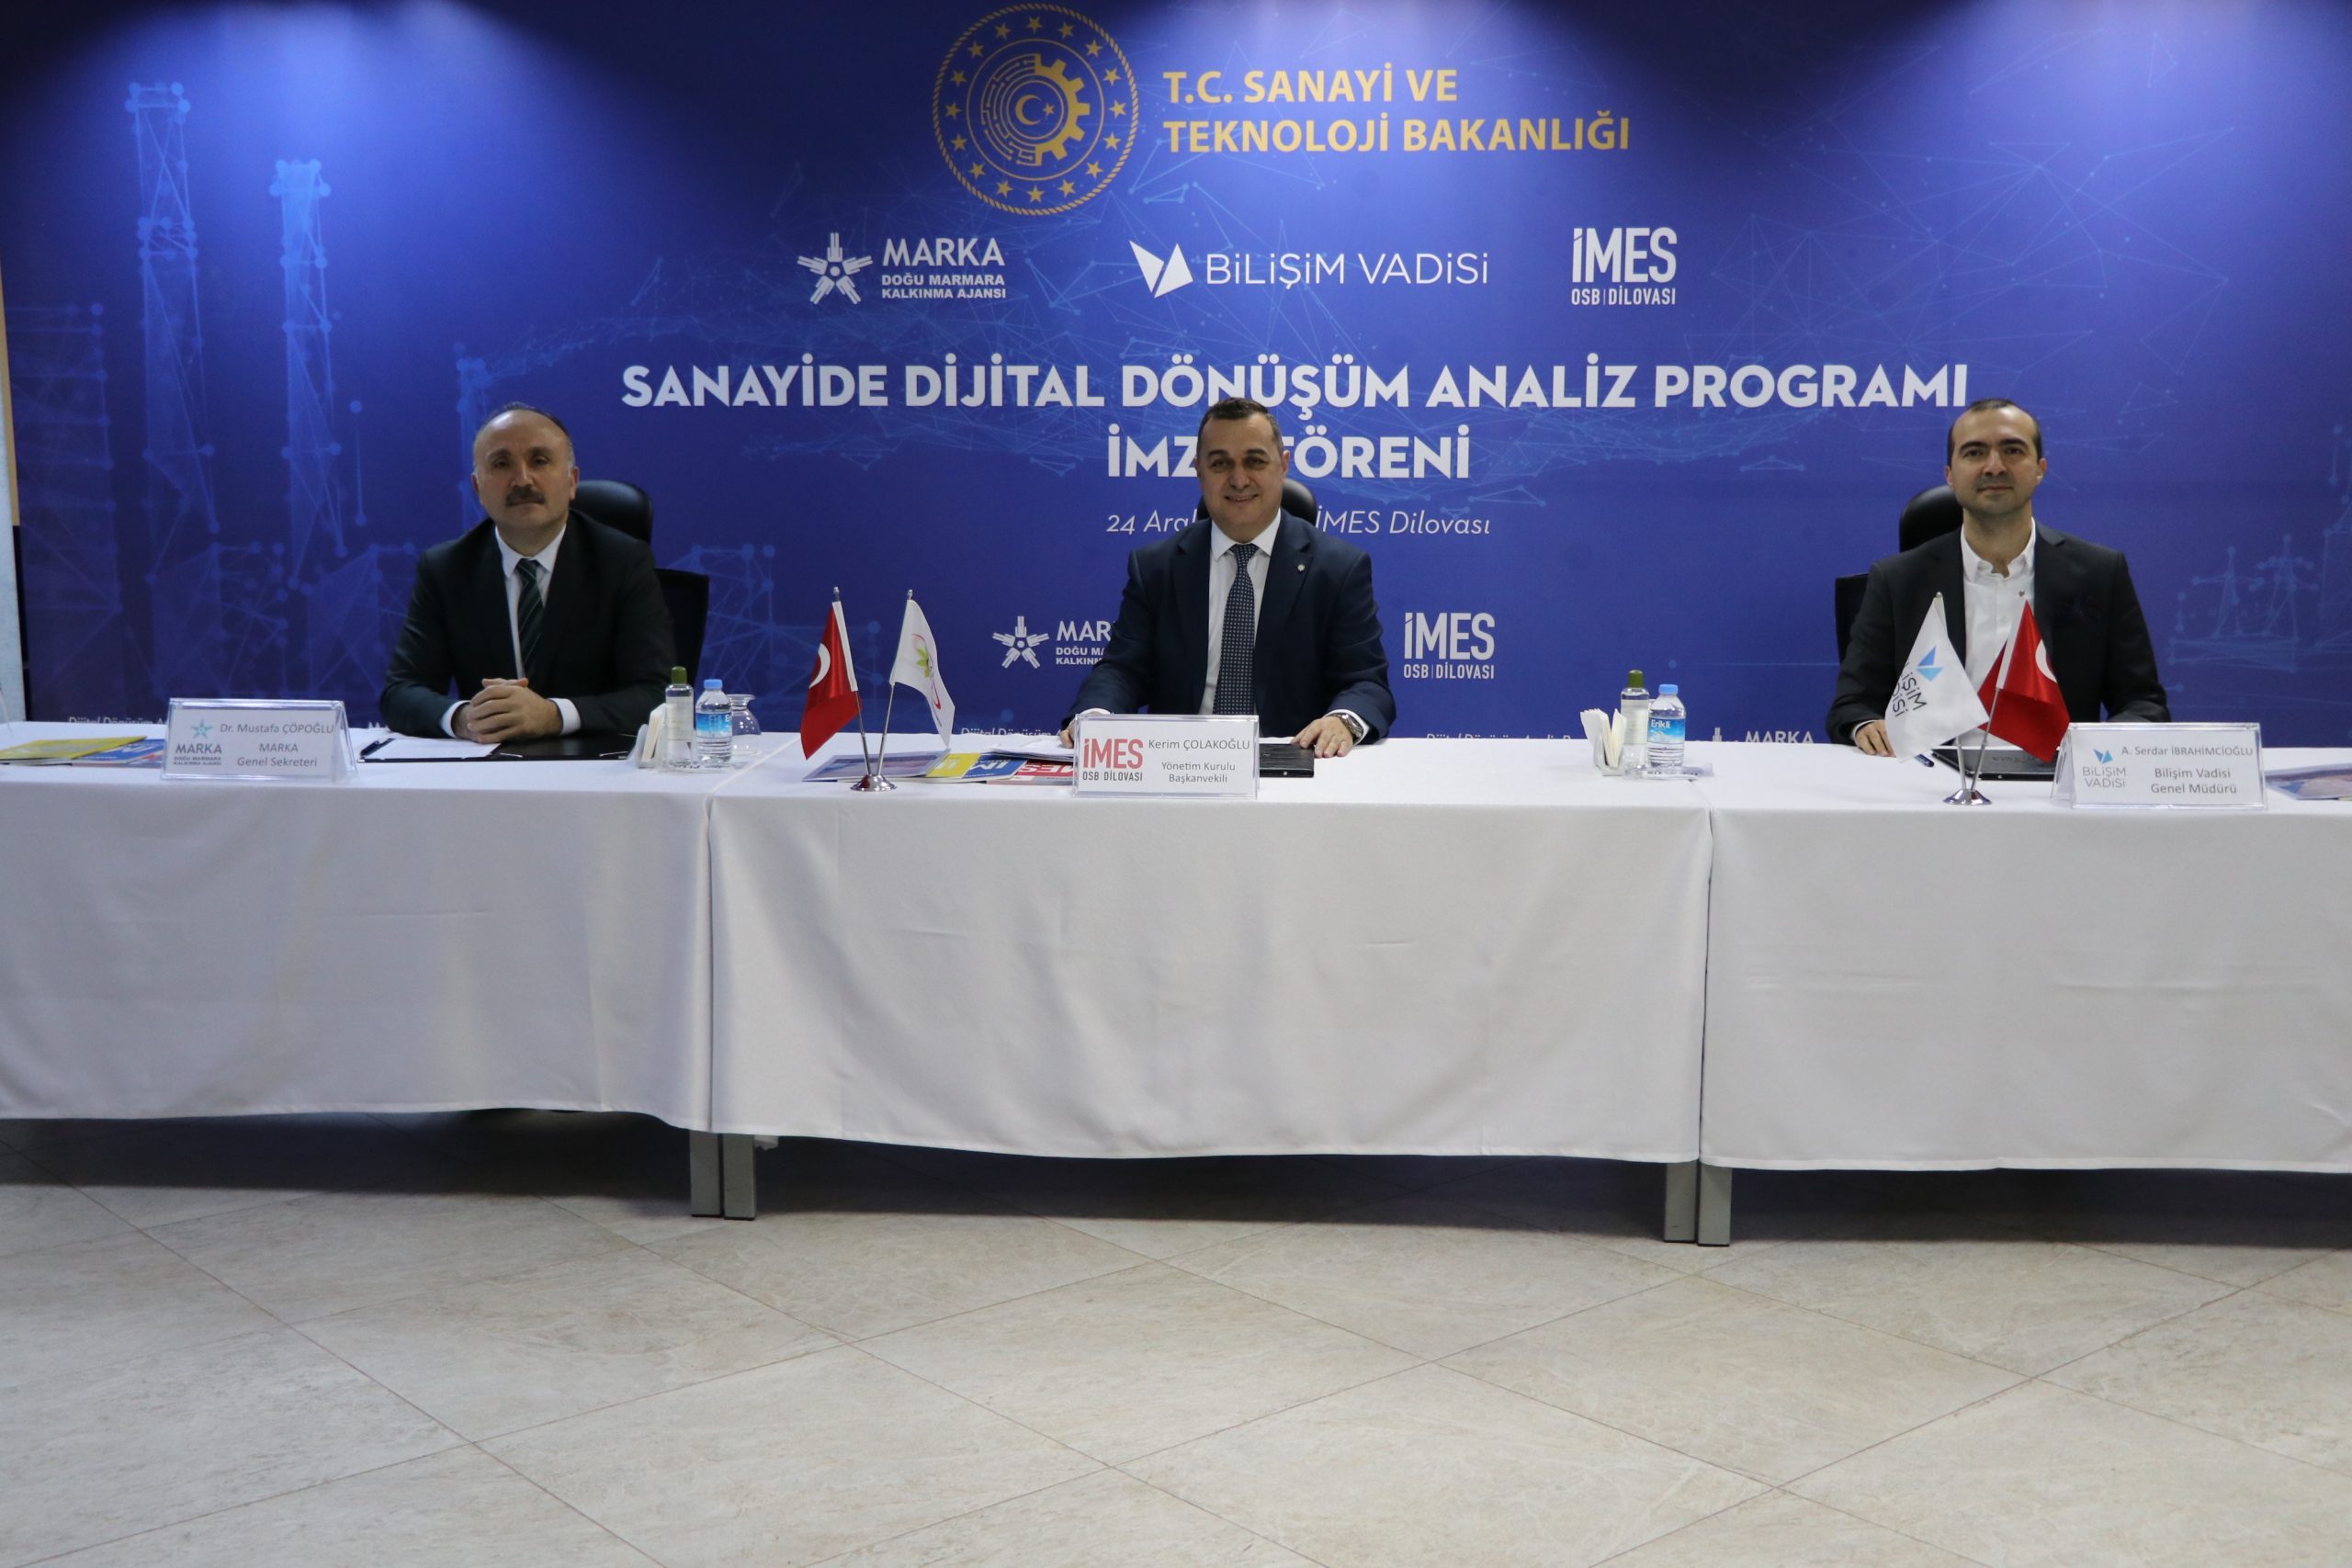 """""""Sanayide Dijital Dönüşüm Analiz Programı"""" İçin İmzalar Atıldı"""